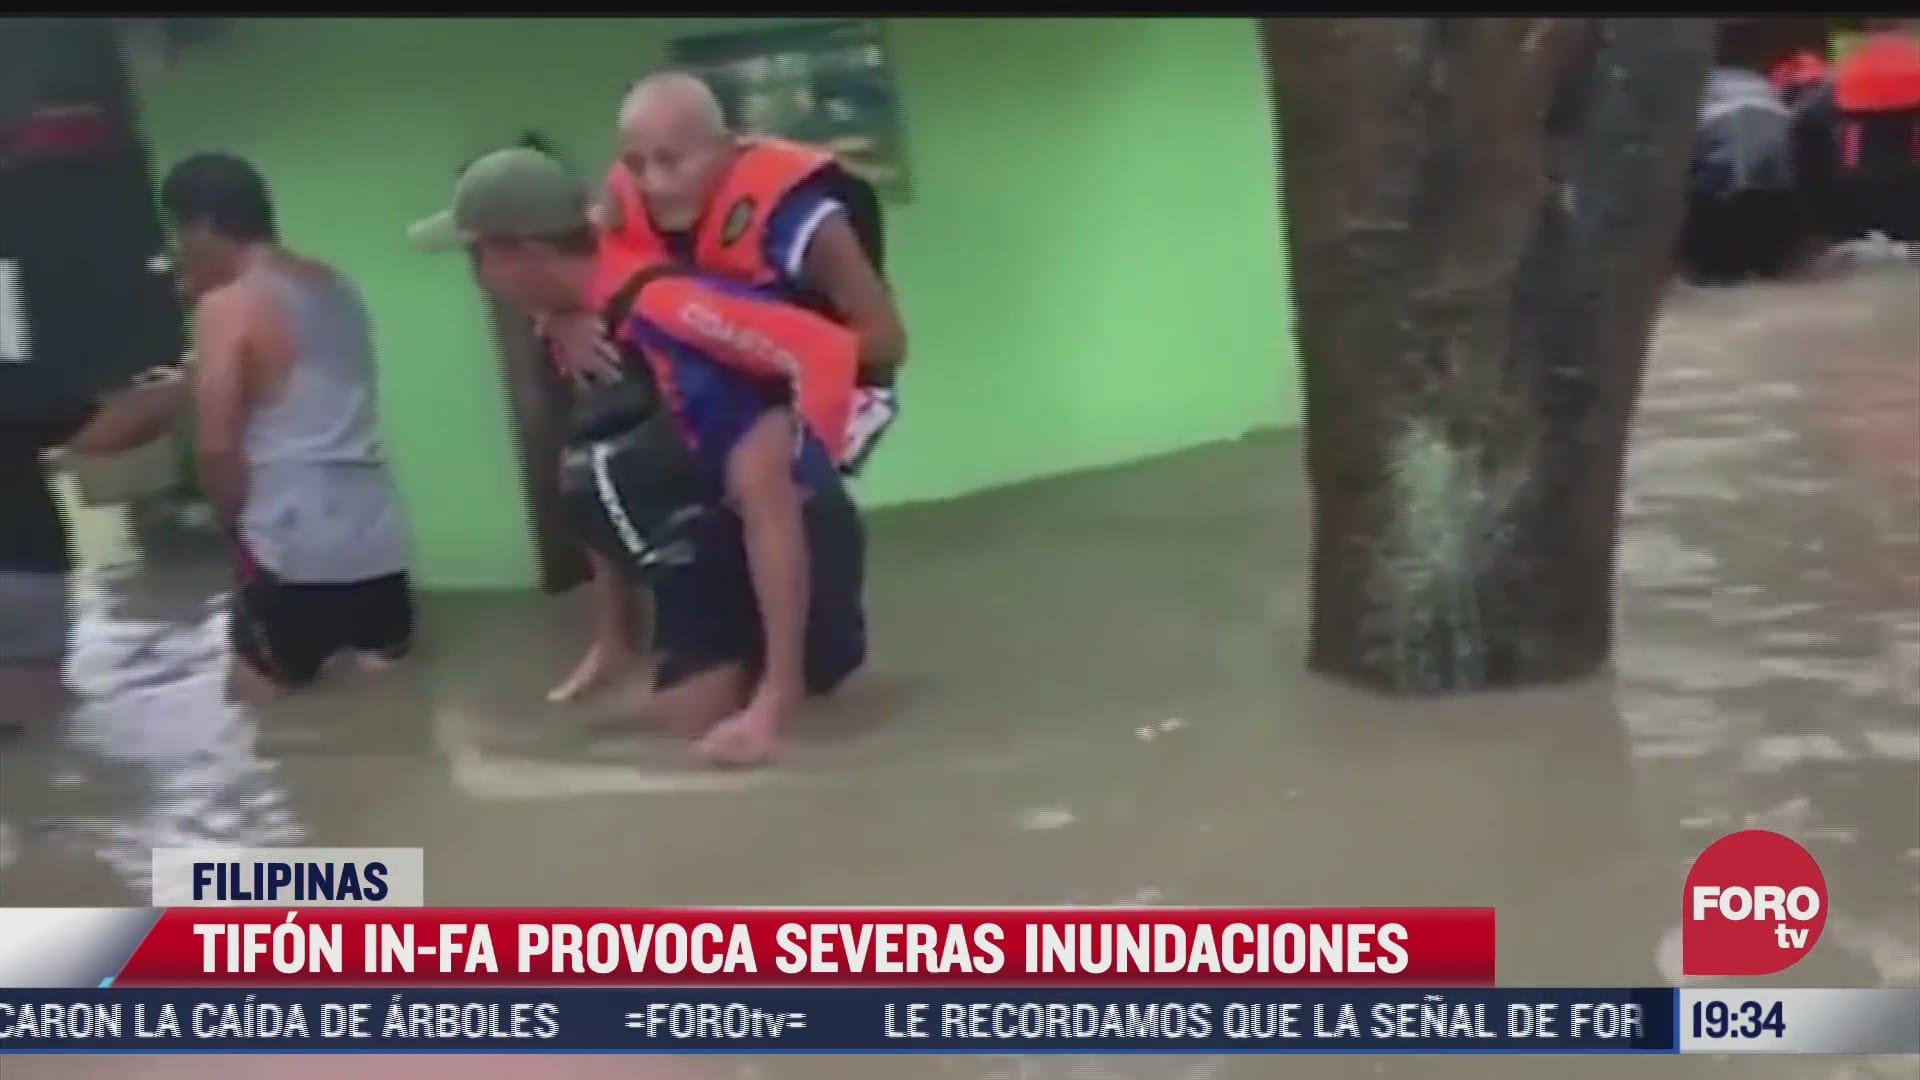 tifon in fa causa severas inundaciones en filipinas